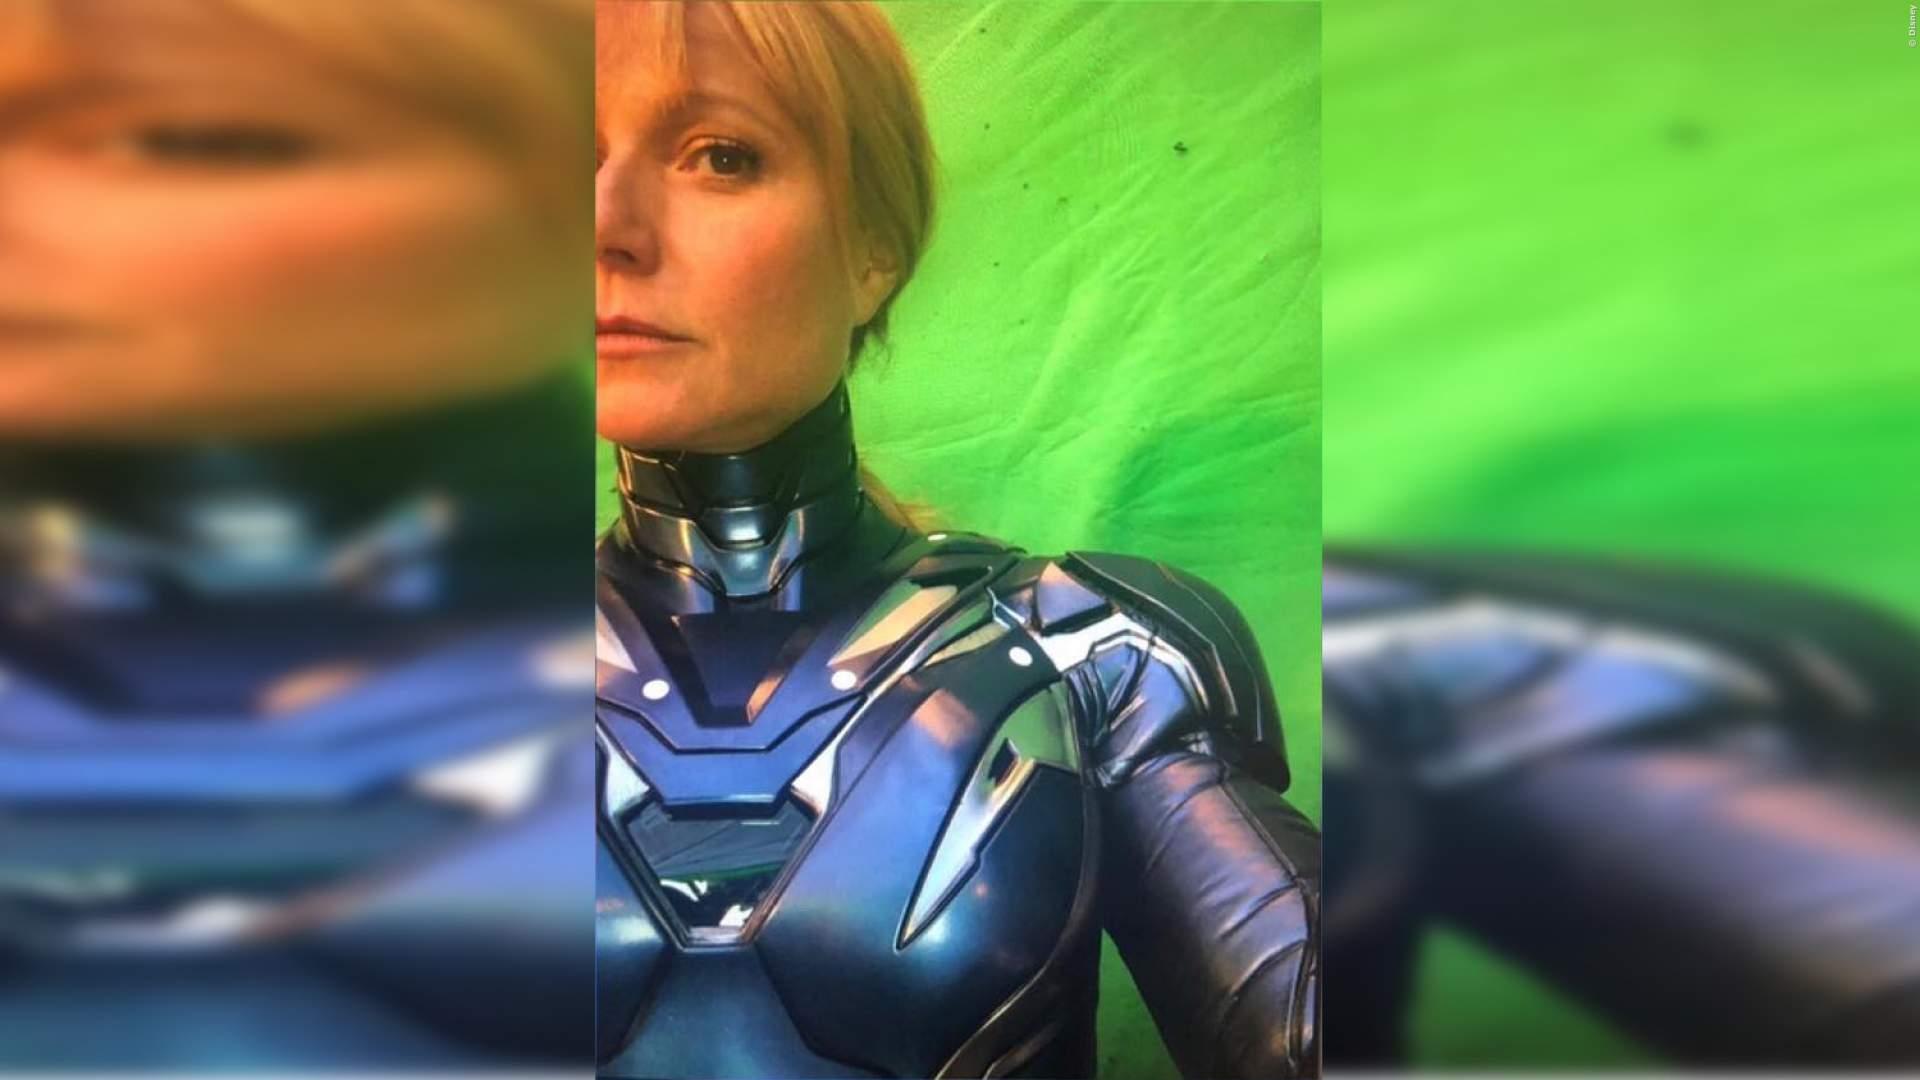 Avengers 4 Leak: Eine Frau im Iron Man-Anzug - Bild 1 von 1